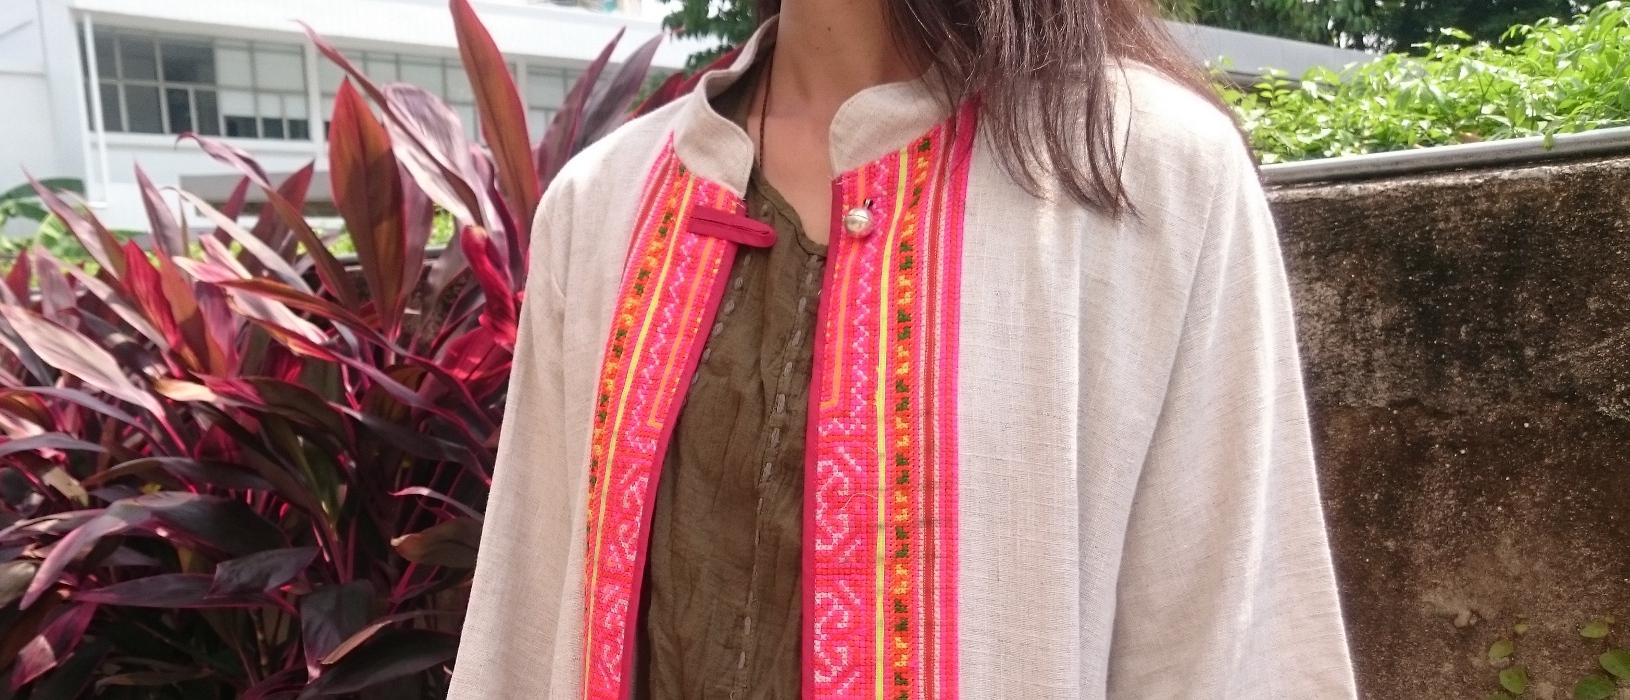 ボヘミアン&エスニックファッションのSaligRama♪